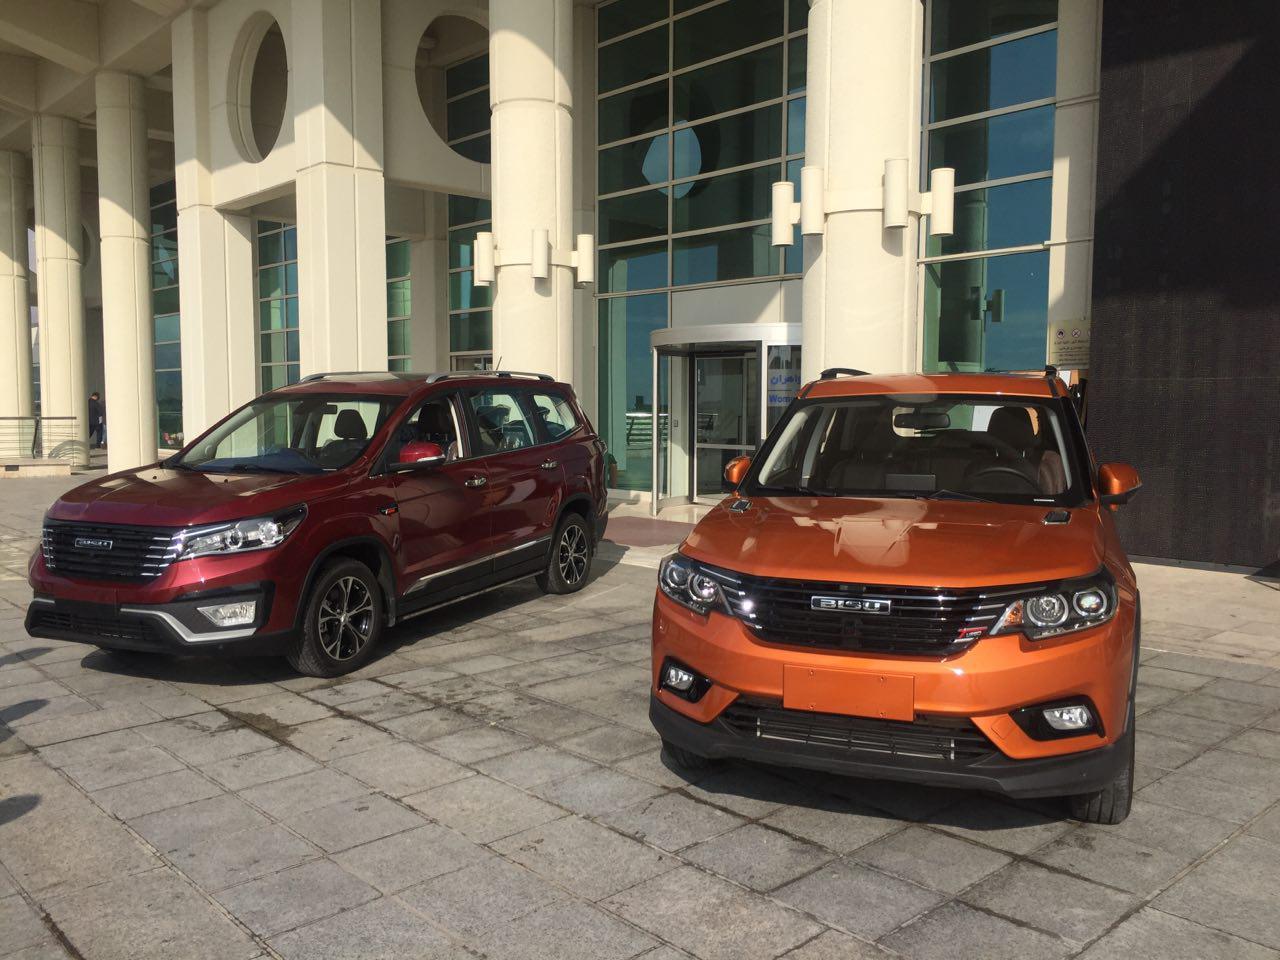 2 خودروی کراس اوور و شاسی بلند چینی به زودی وارد بازار می شود (+عکس)